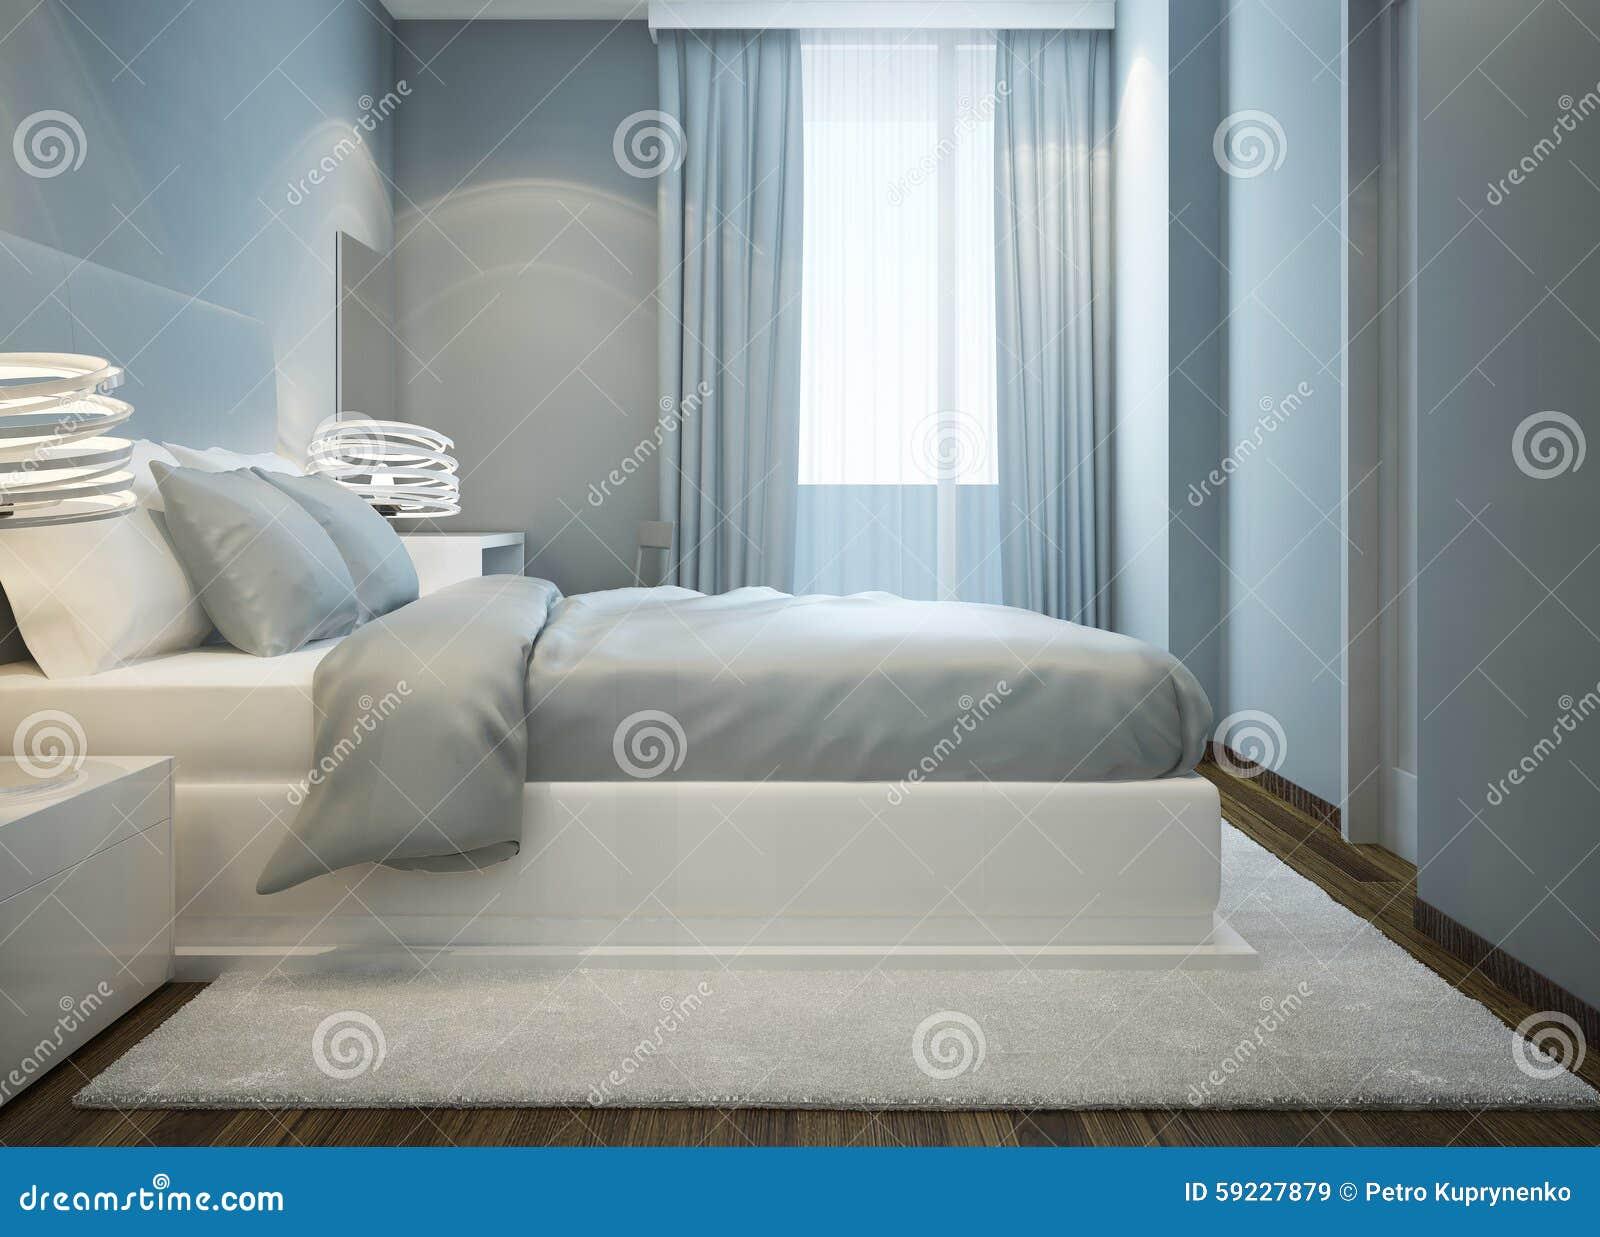 Camere Da Letto Blu : Camera da letto vintage interno con sedia retrò blu e grigio